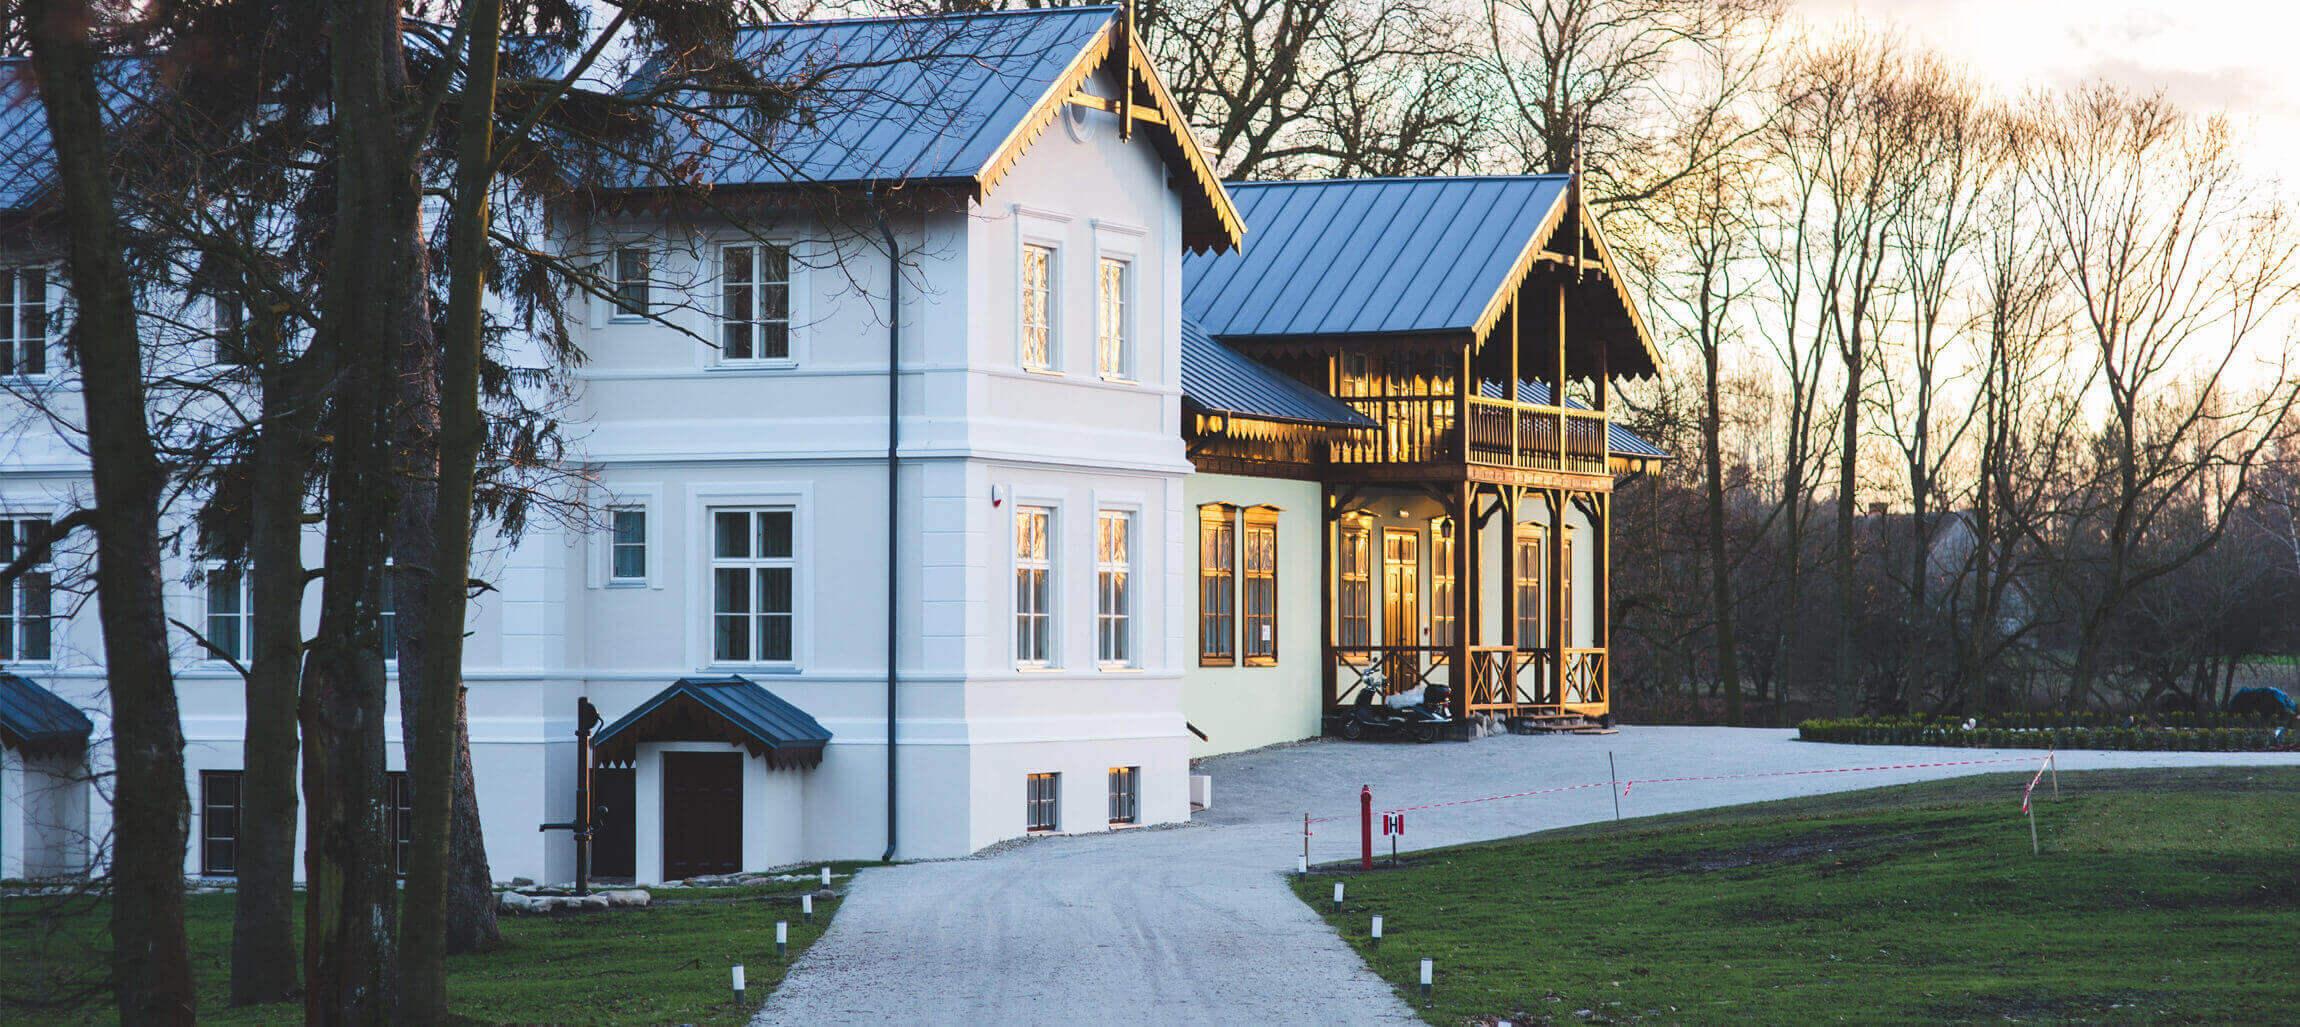 luxury roofing minneapolis stpaul elysian banner